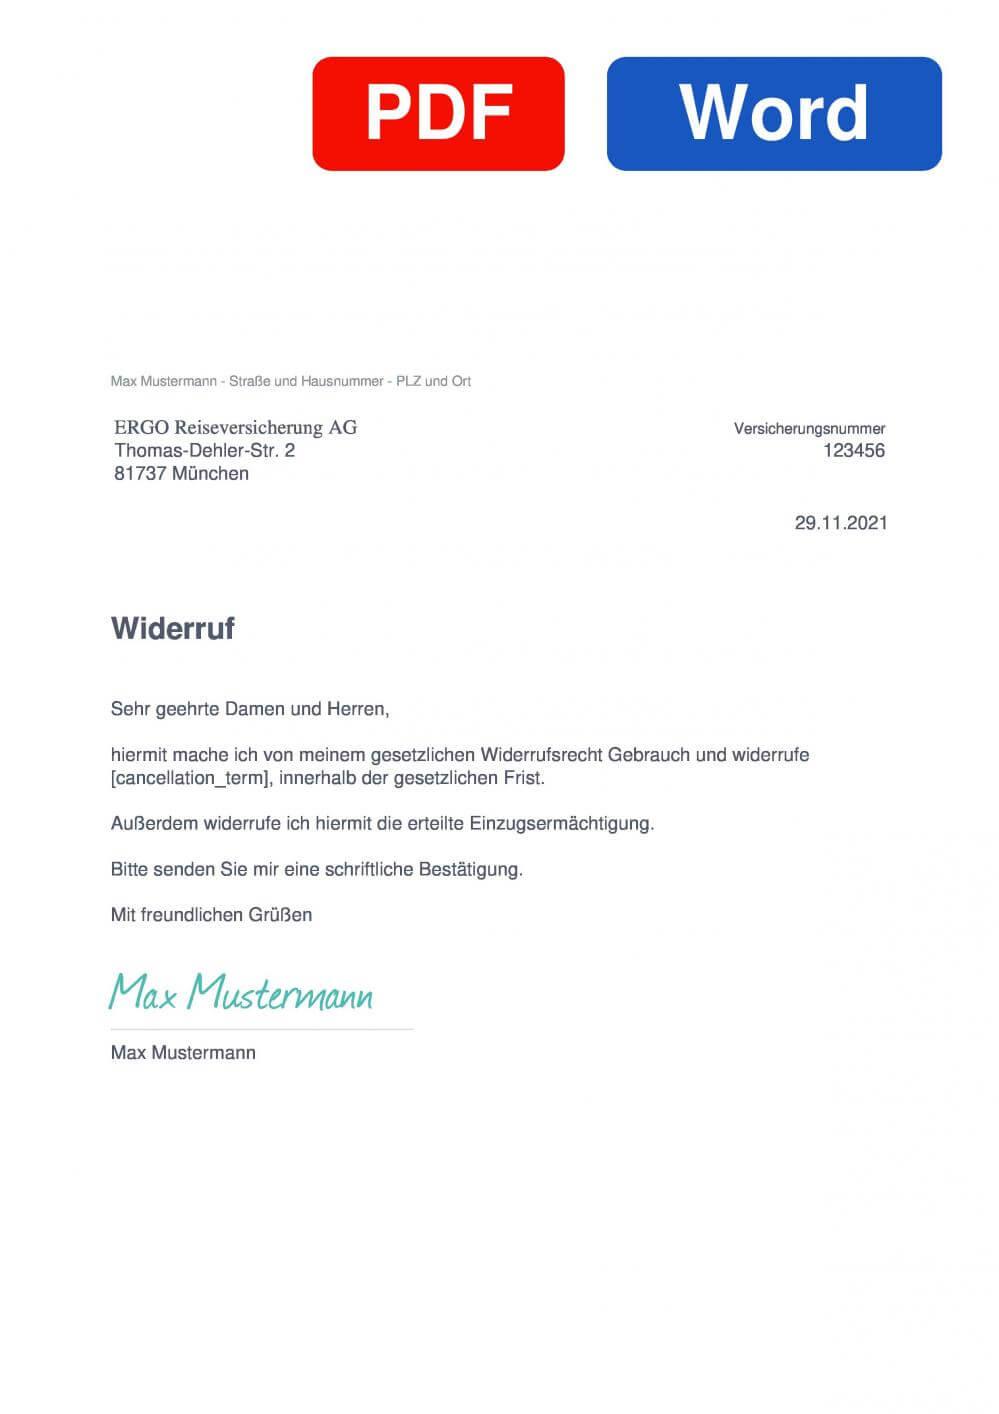 ERV Reiseversicherung Muster Vorlage für Wiederrufsschreiben